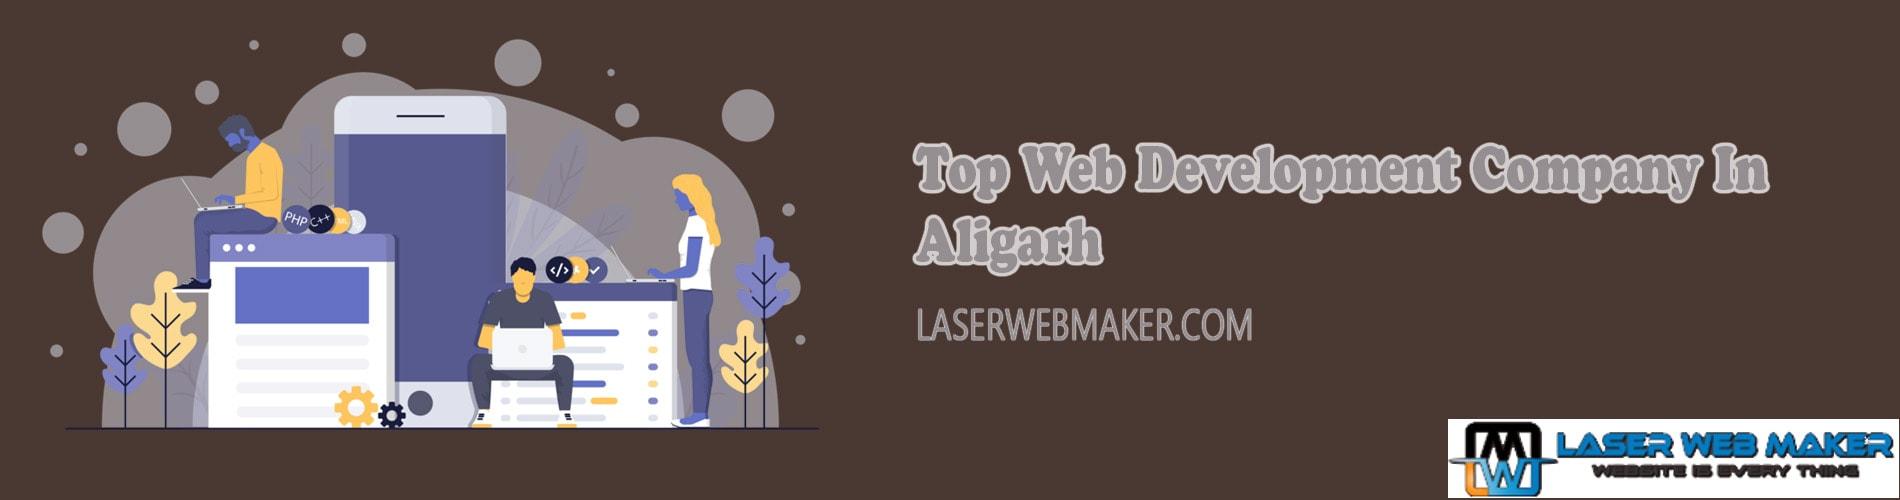 Top Web Development Company In Aligarh